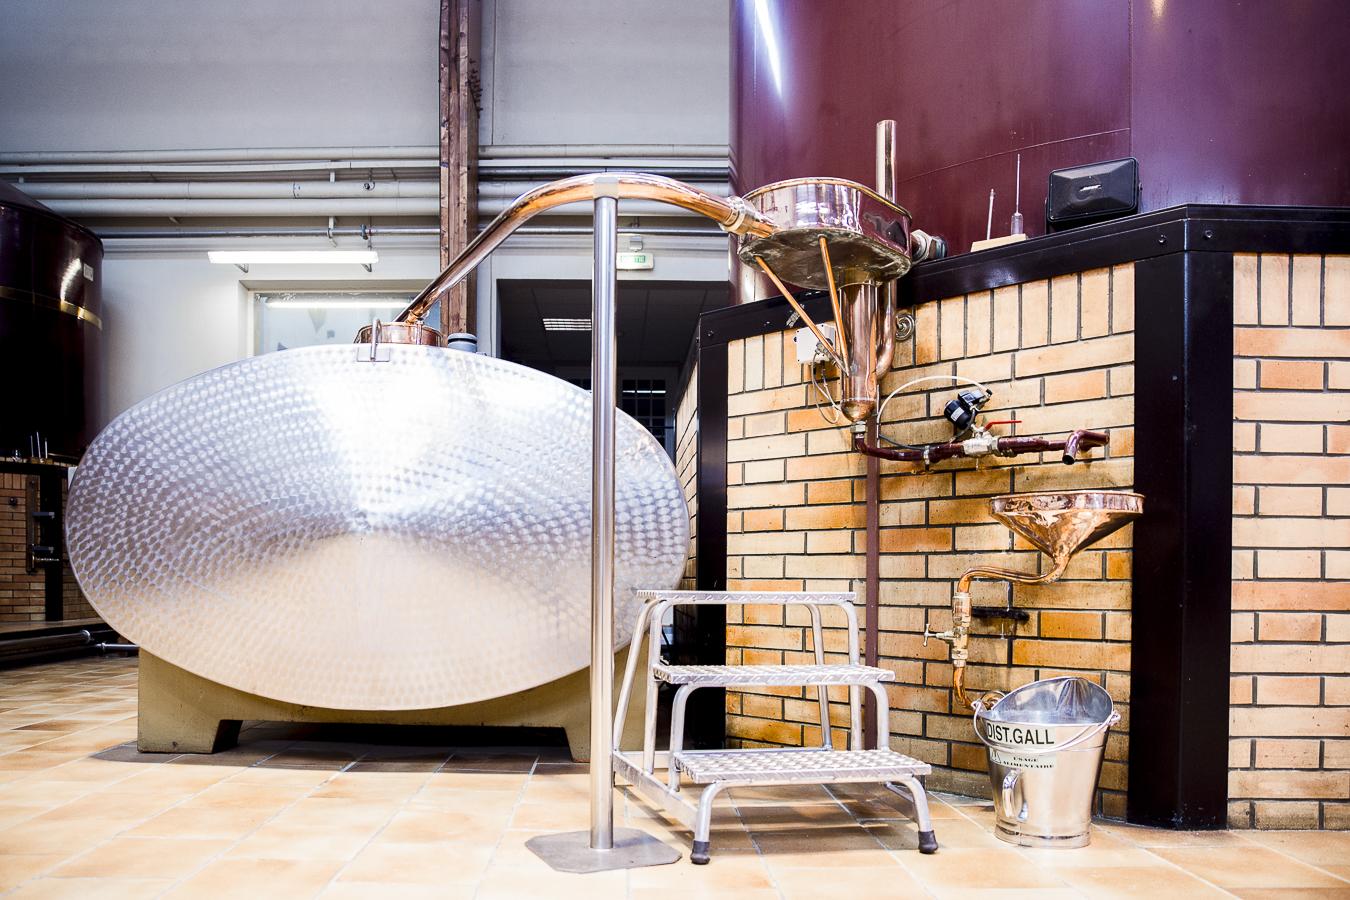 Martell_Distillerie_Janv2016_Cognac_Jerusalmi382